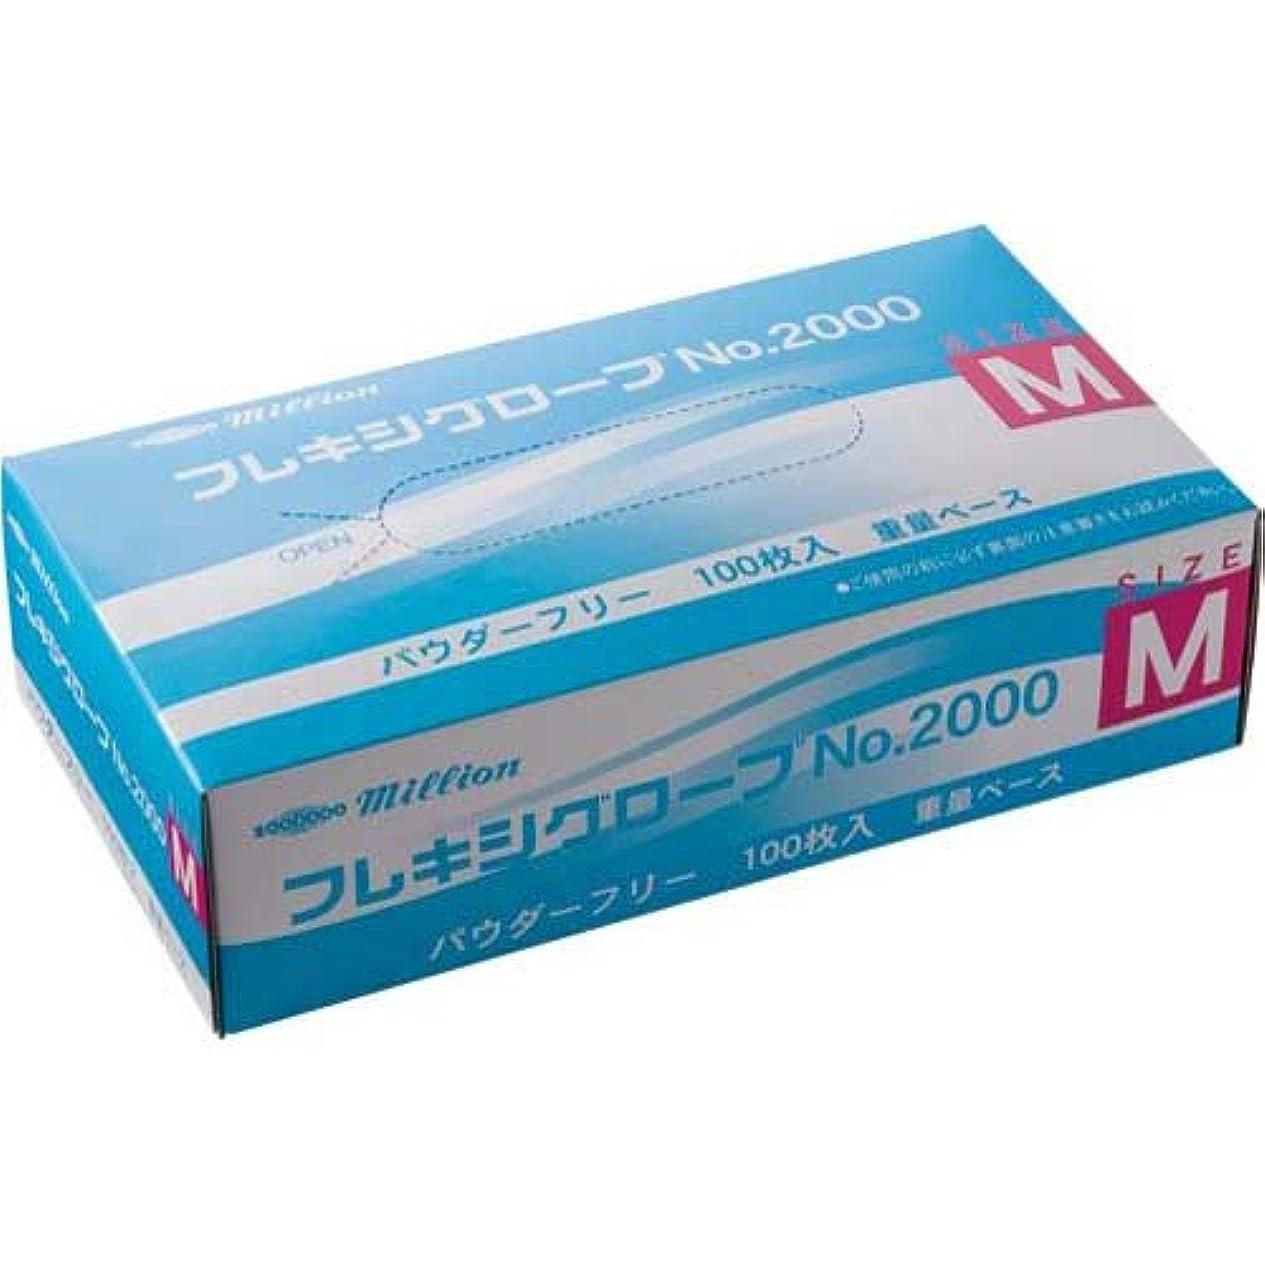 権威うなる明確な共和 プラスチック手袋 粉無 No.2000 M 10箱